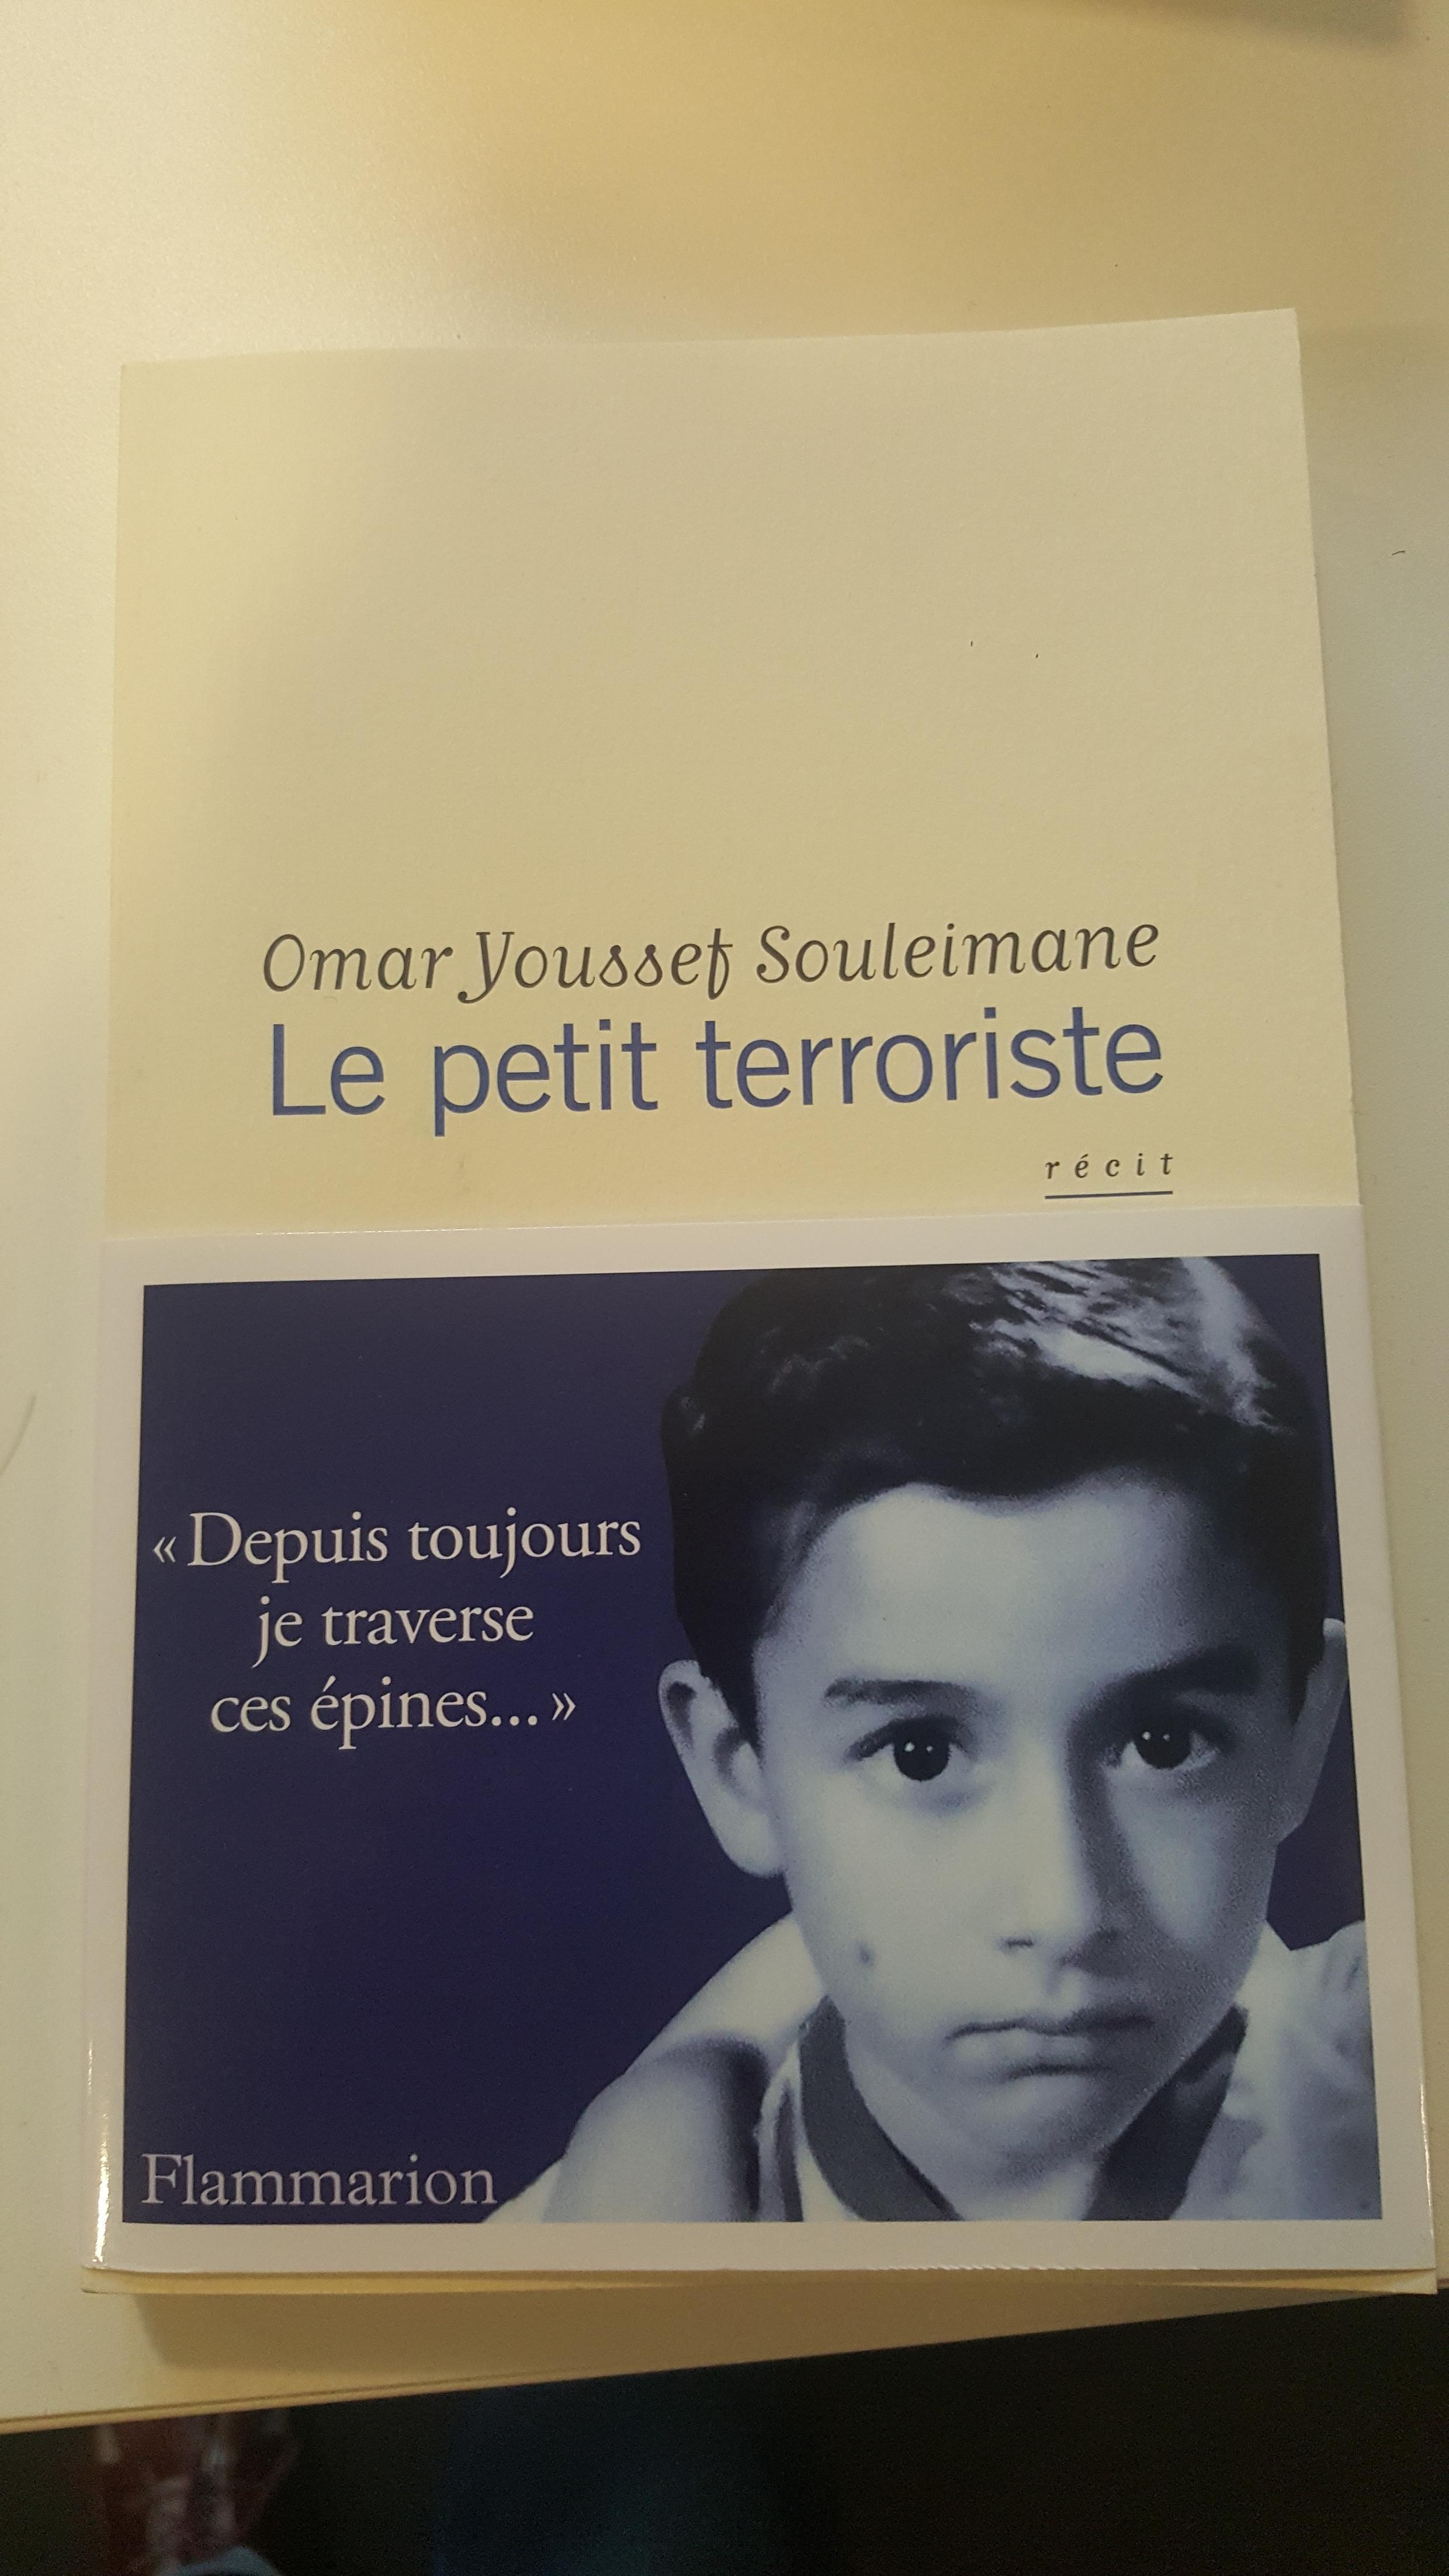 Couverture du livre «Le petit terroriste», d'Omar Youssef Souleimane.